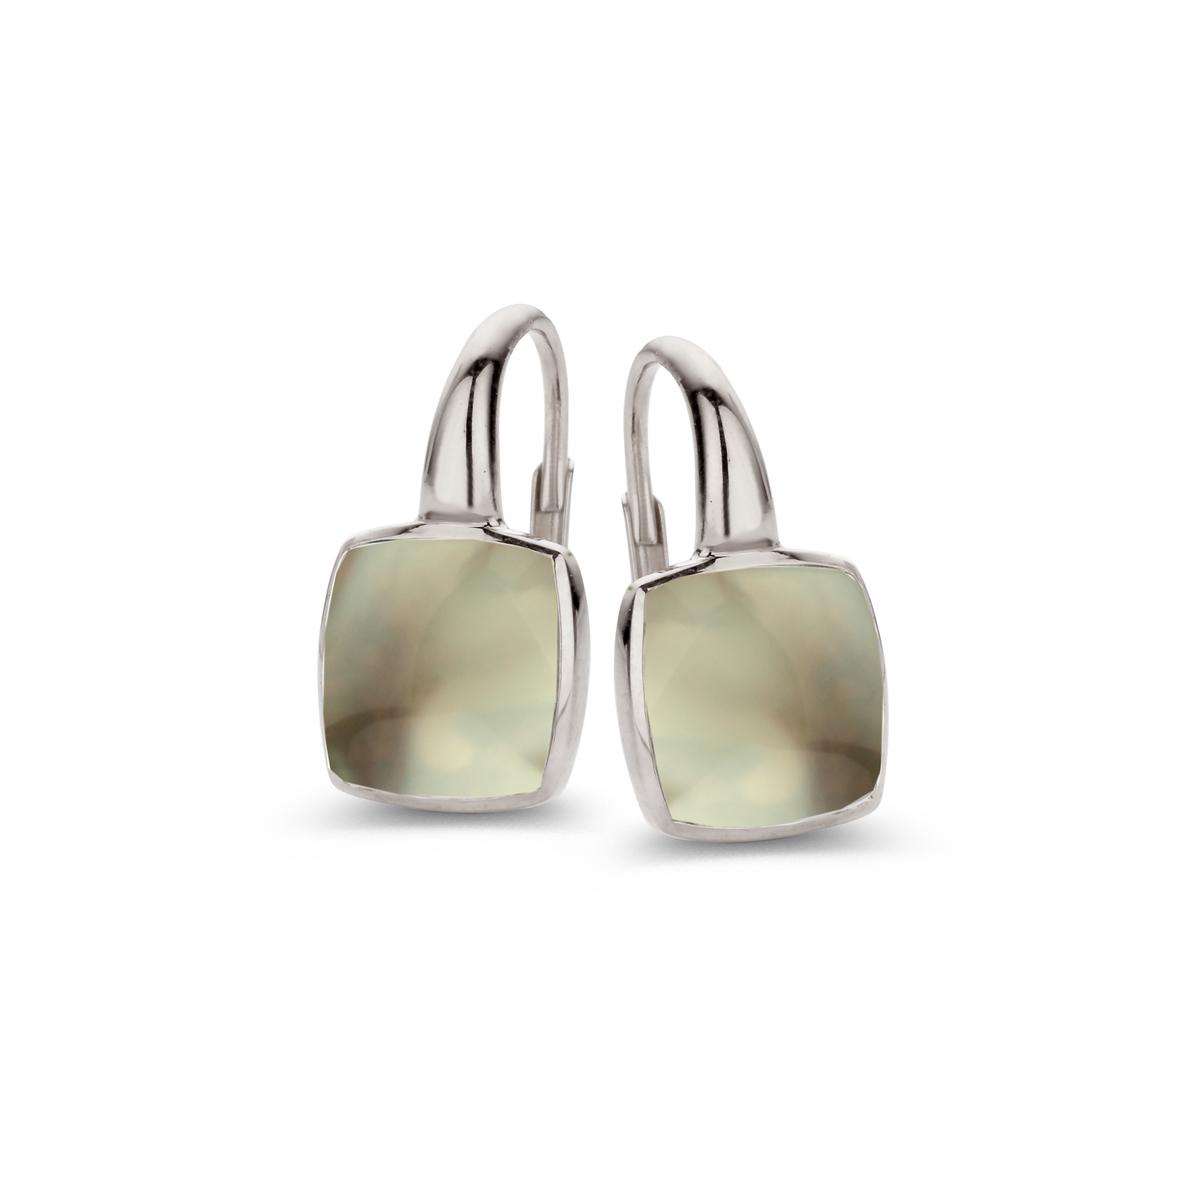 pantelleria earrings in white gold